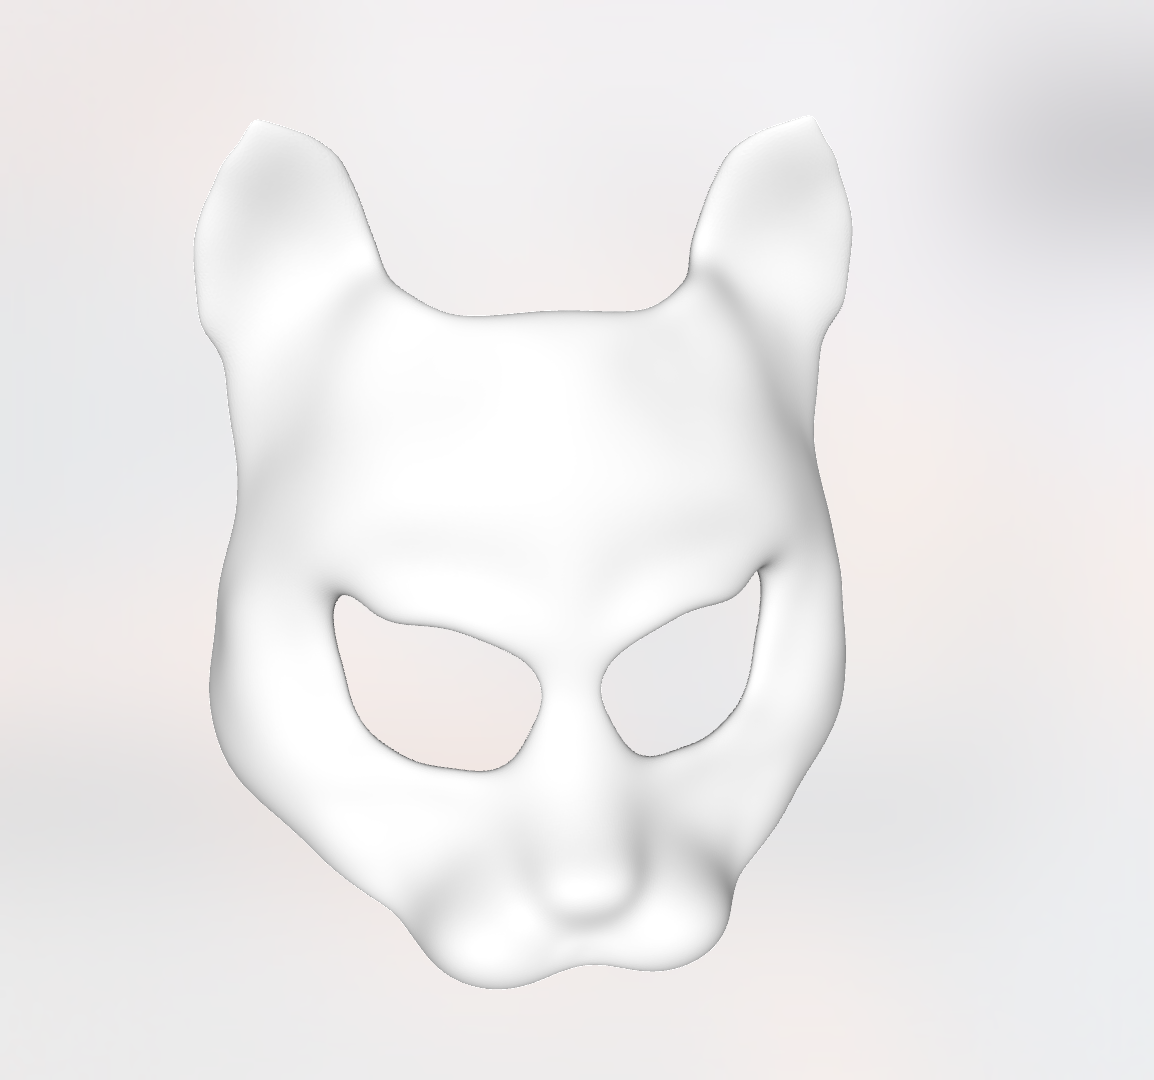 Screen Shot 2017-09-28 at 8.28.54 PM.png Download free STL file Street Cat Mask • 3D printer template, delukart